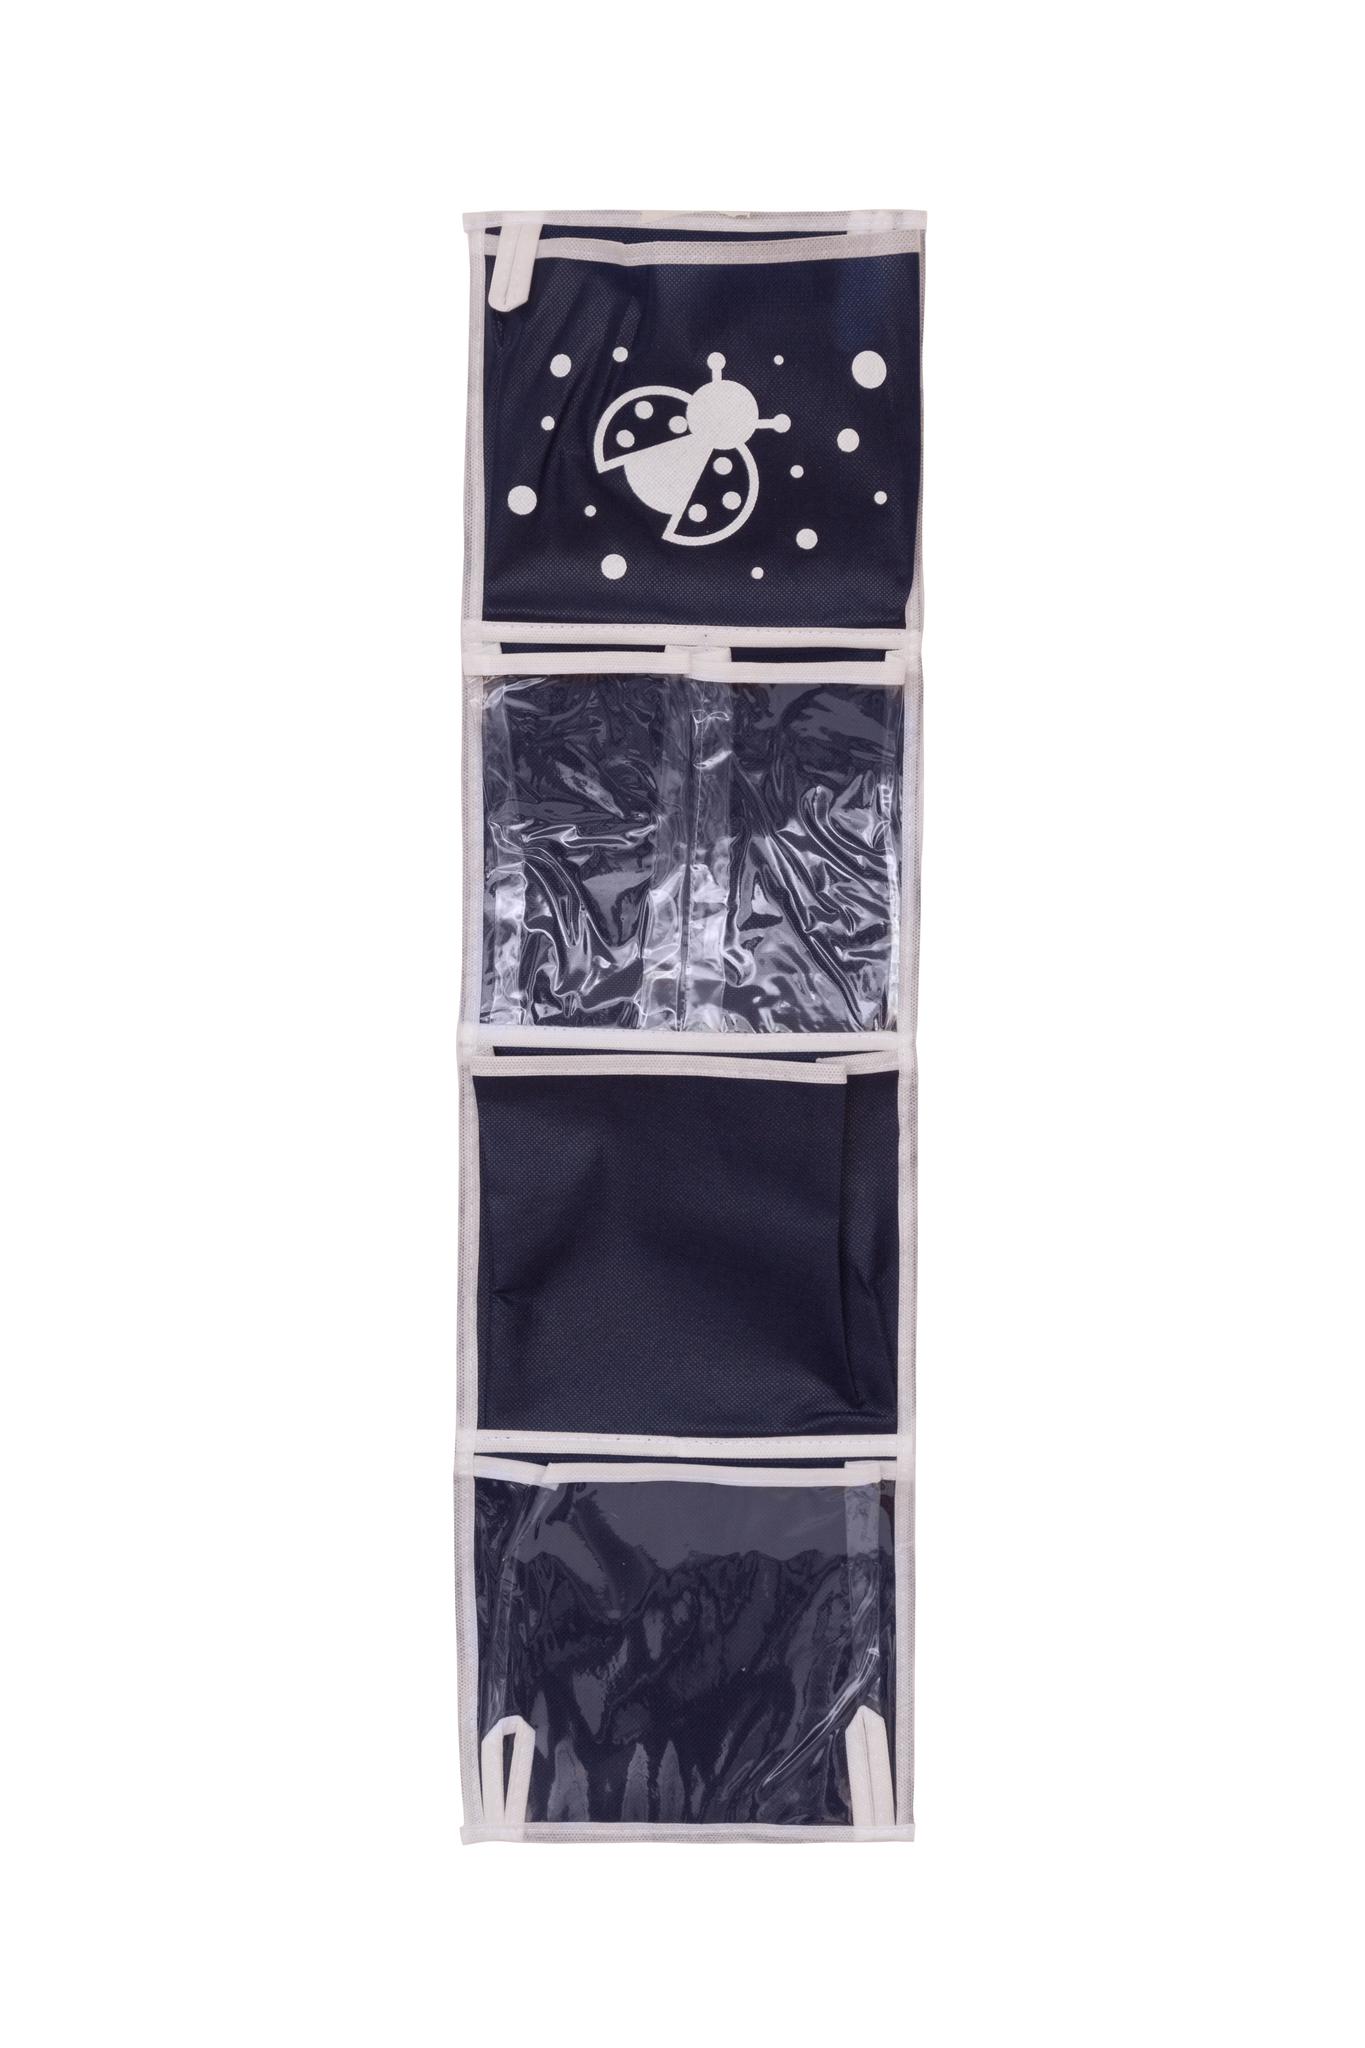 Карманы подвесные для шкафчика в детский сад